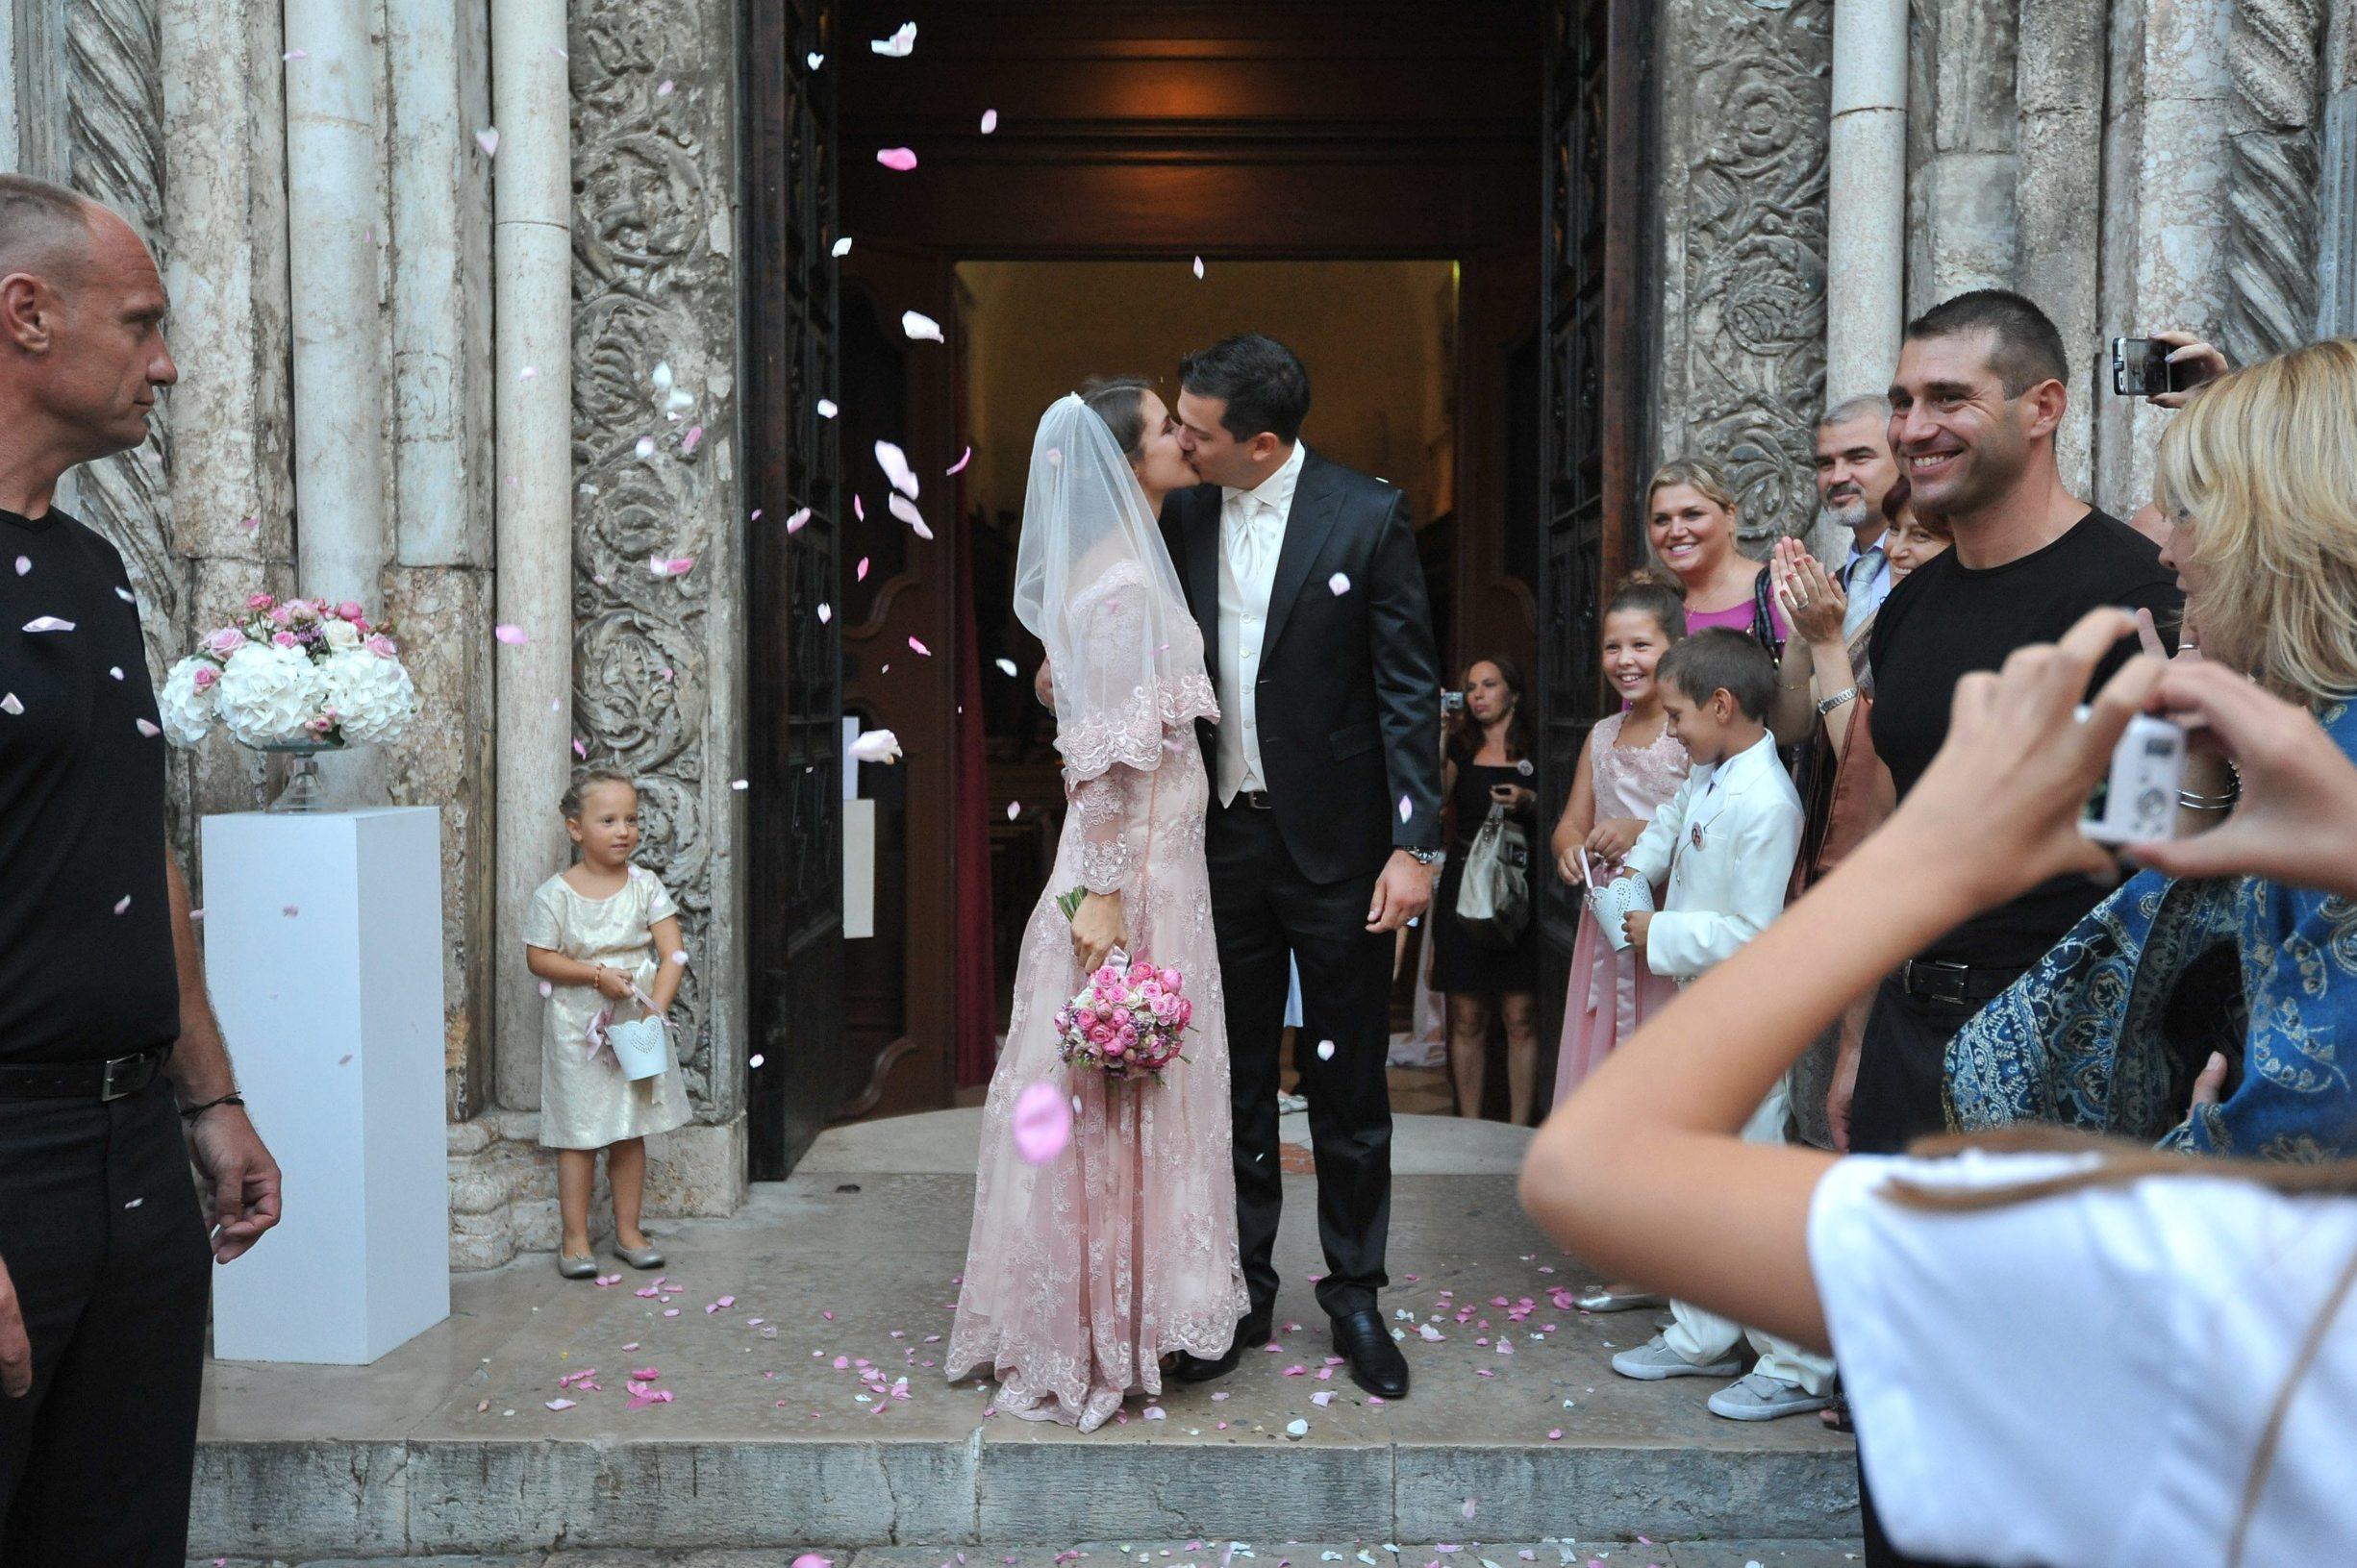 Zadar, 060913. Danas su se u zadarskoj katedrali sv. Stosije vjencali mlada glumica Doris Pincic i Boris Rogoznica. Na fotografiji: Doris Pincic i Boris Rogoznica. Foto: Luka Gerlanc / CROPIX